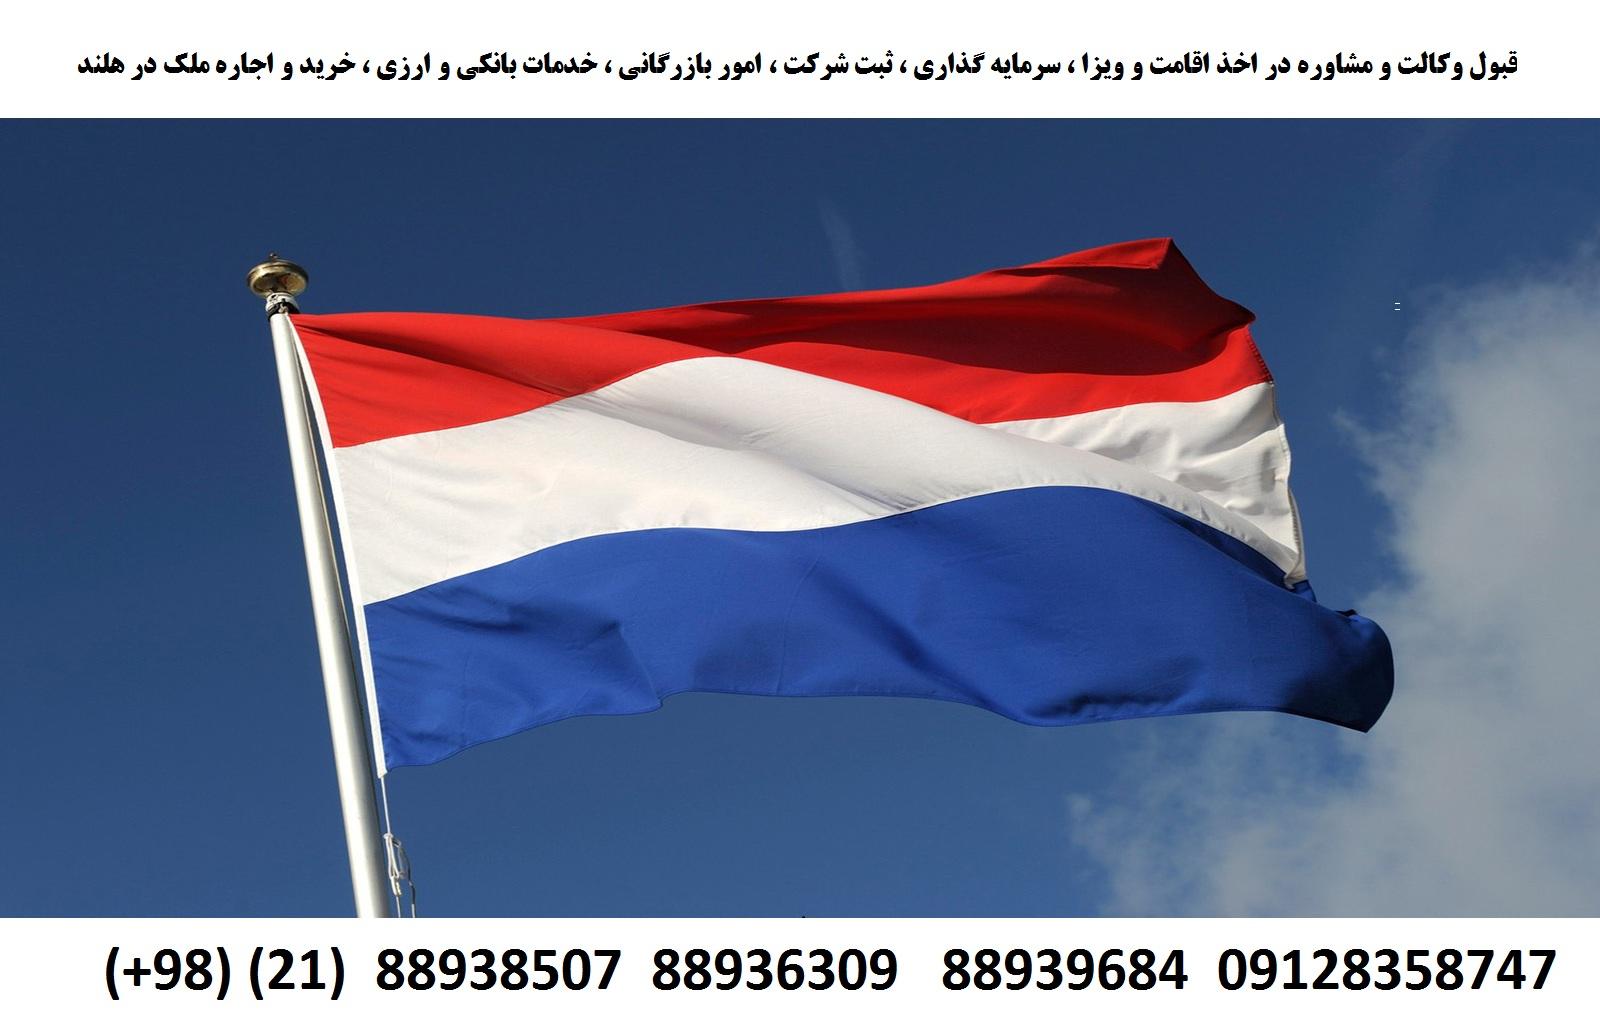 اقامت ، ویزا ، ثبت شرکت ، سرمایه گذاری در هلند (1)